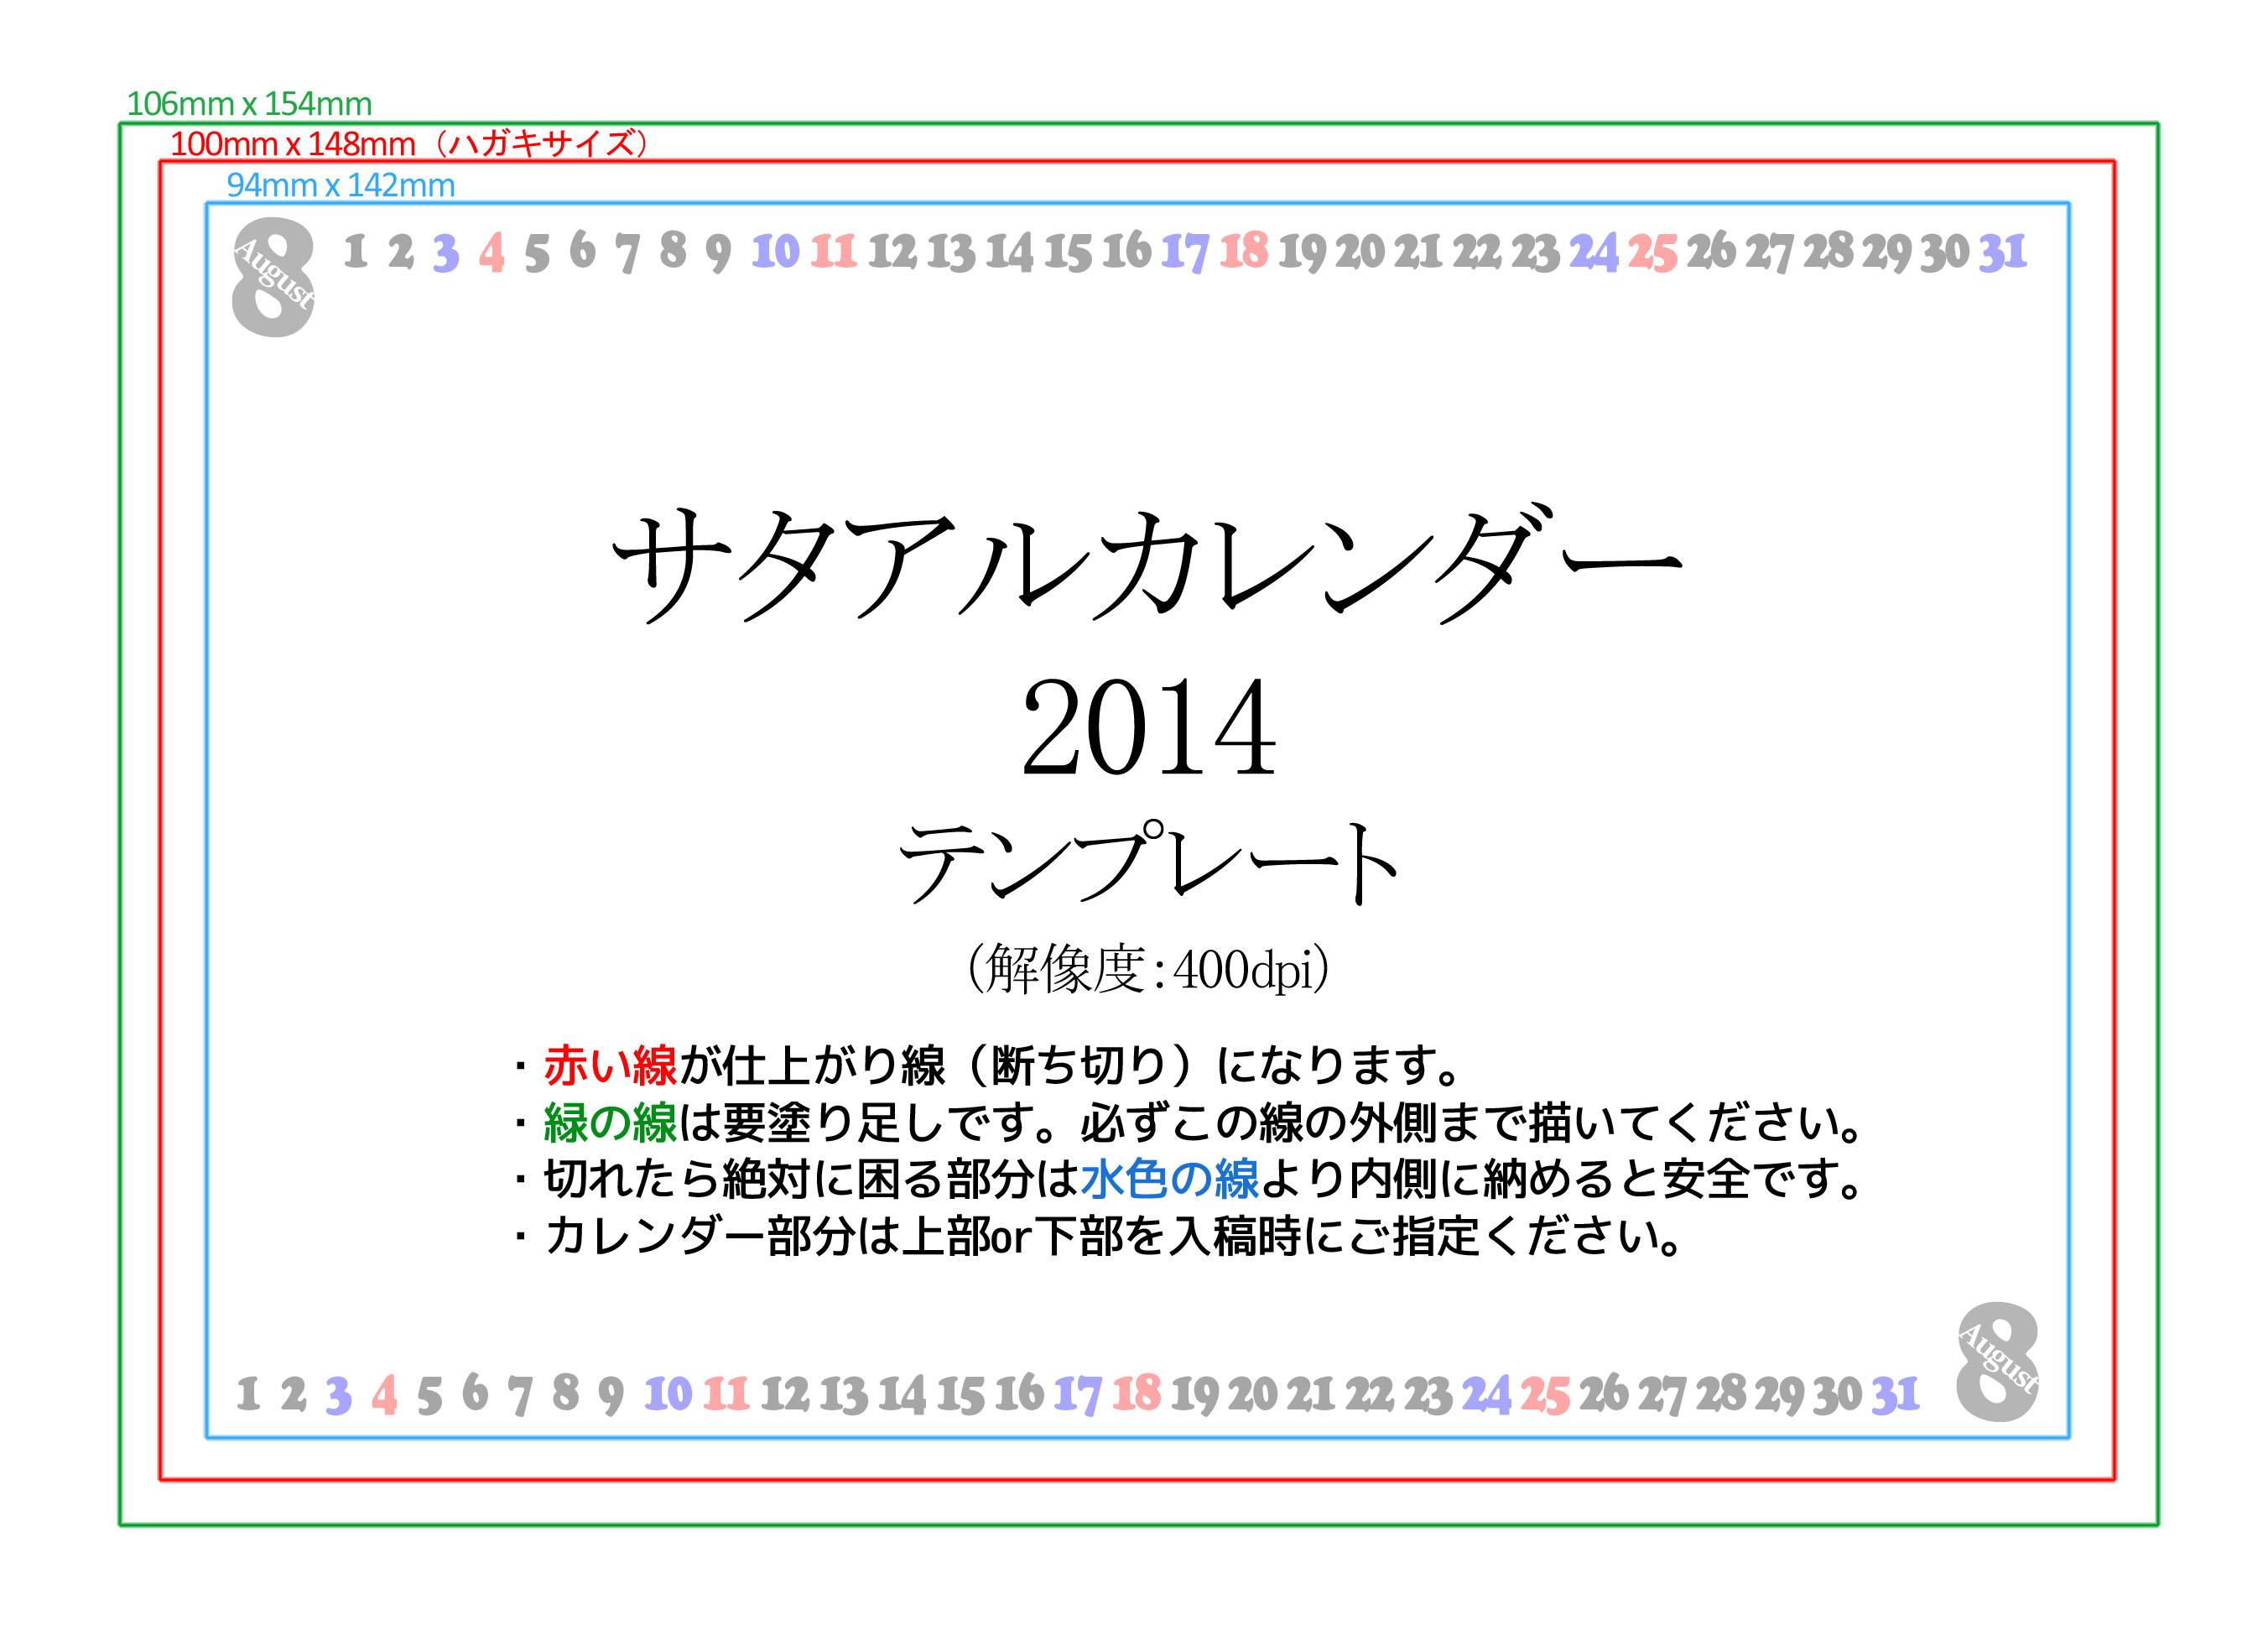 2014テンプレート